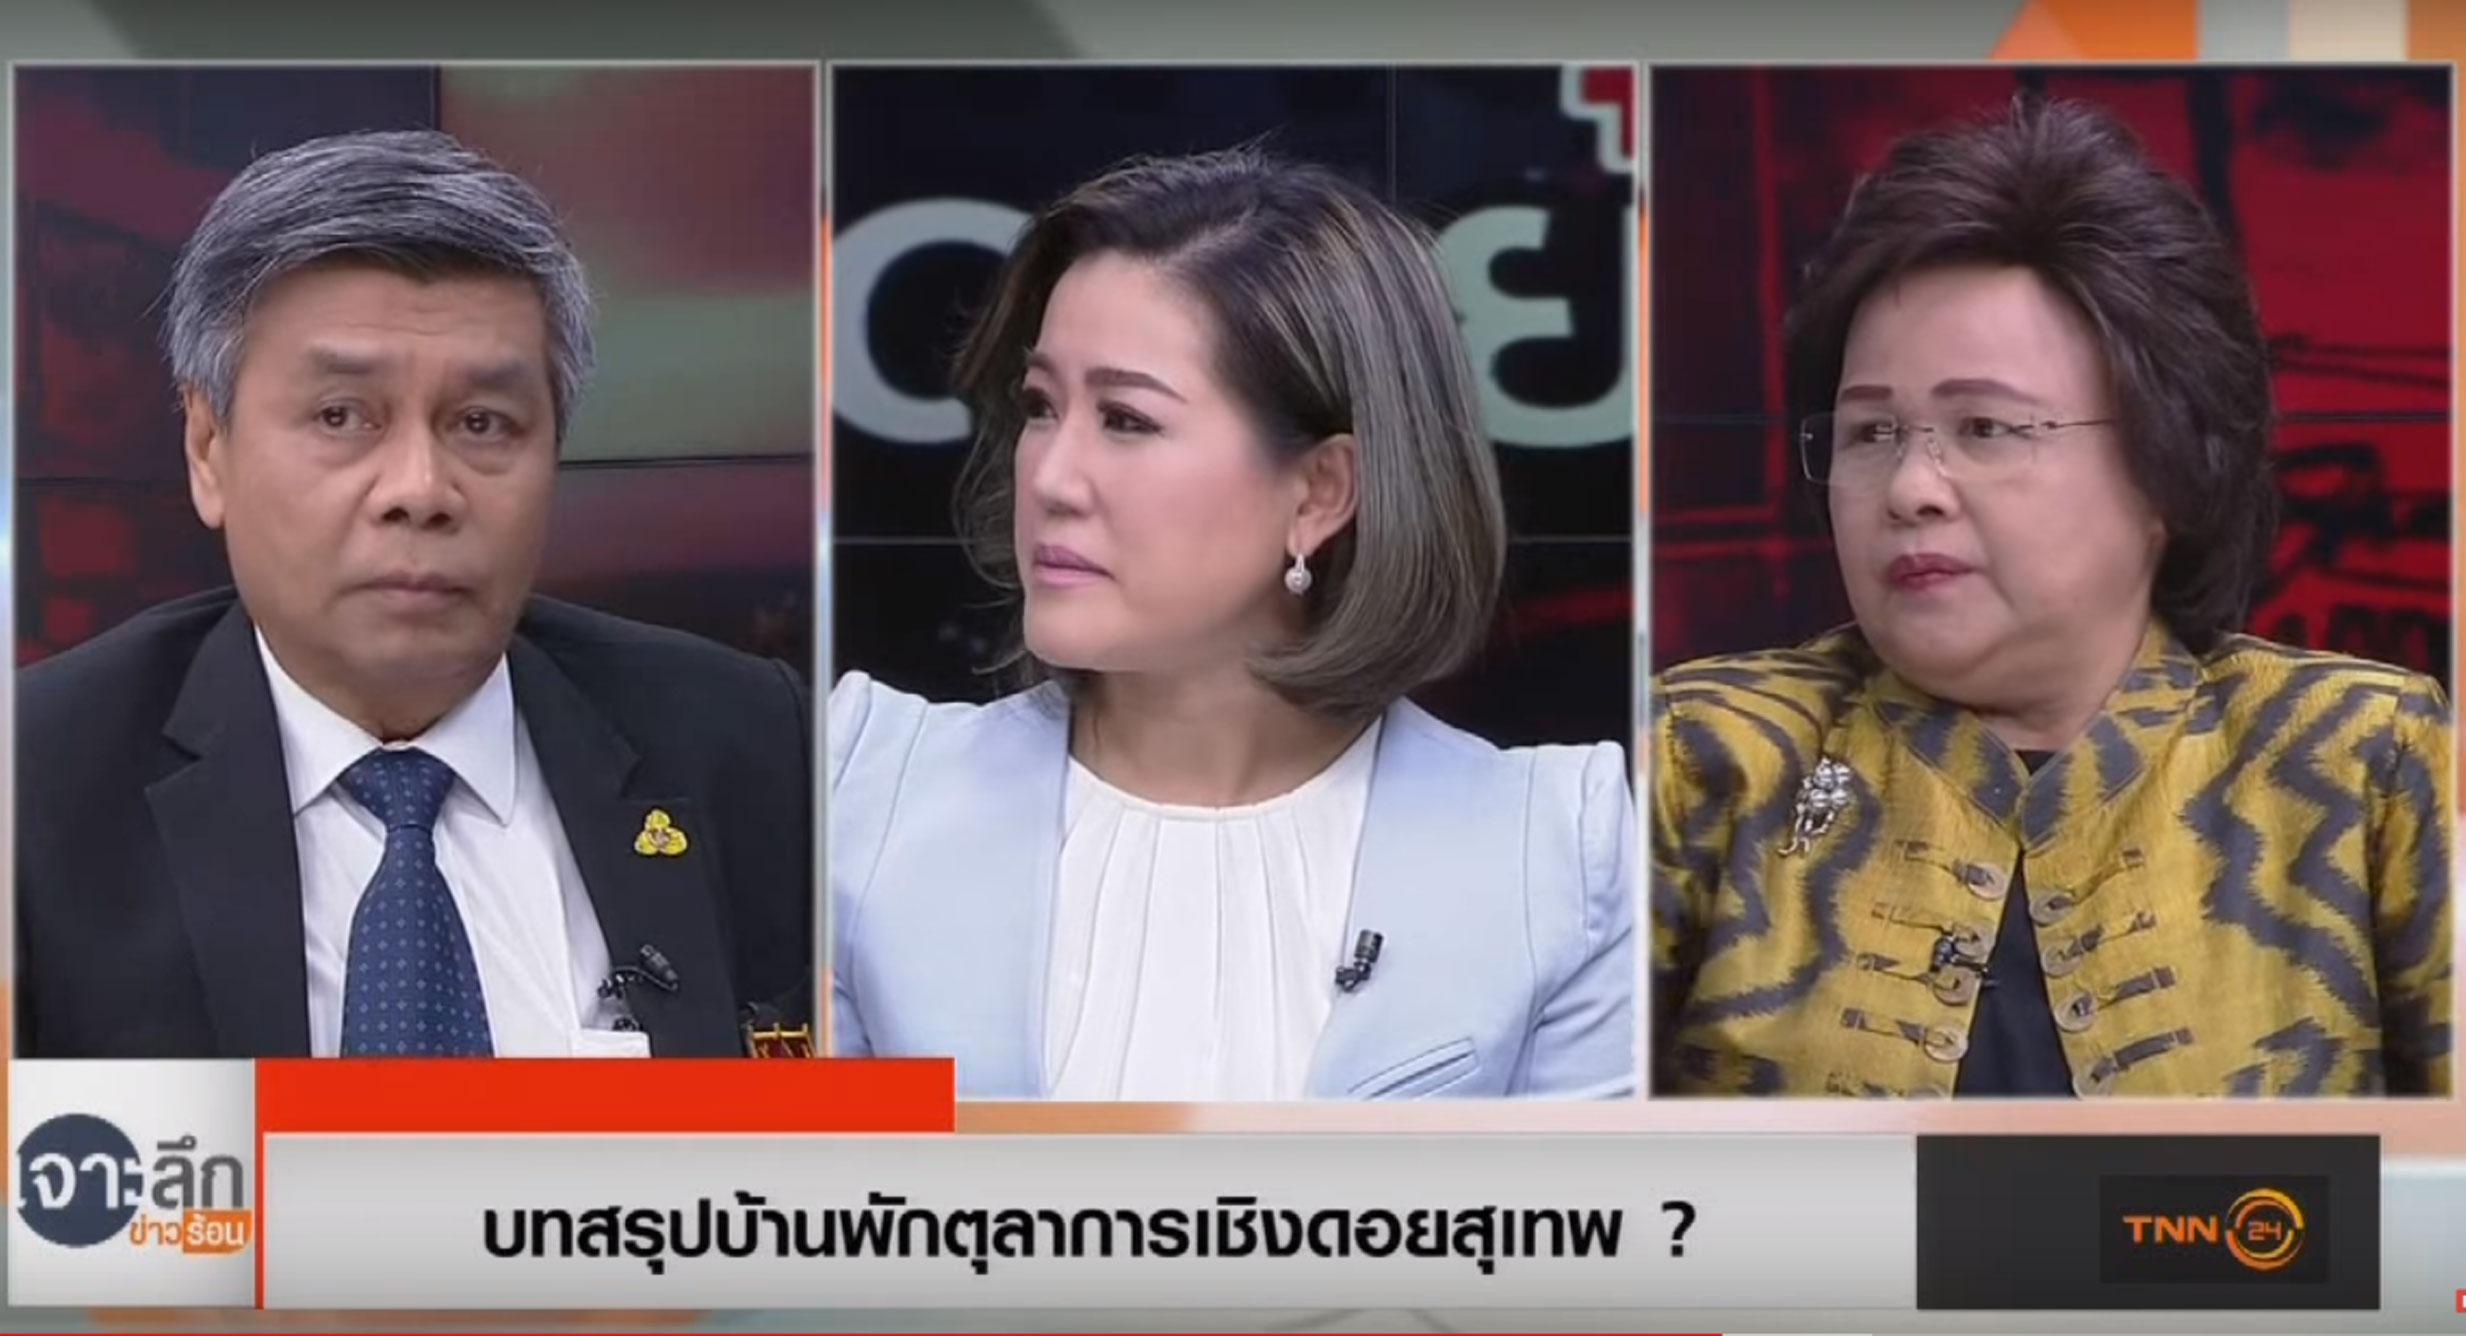 """ดร.ธเนศ วีระศิริ  สนทนา เรื่อง """"ทางออกปมบ้านพักข้าราชการตุลาการ เชิงดอยสุเทพ"""" ในรายการ เจาะลึกข่าวร้อน ช่อง TNN 24"""